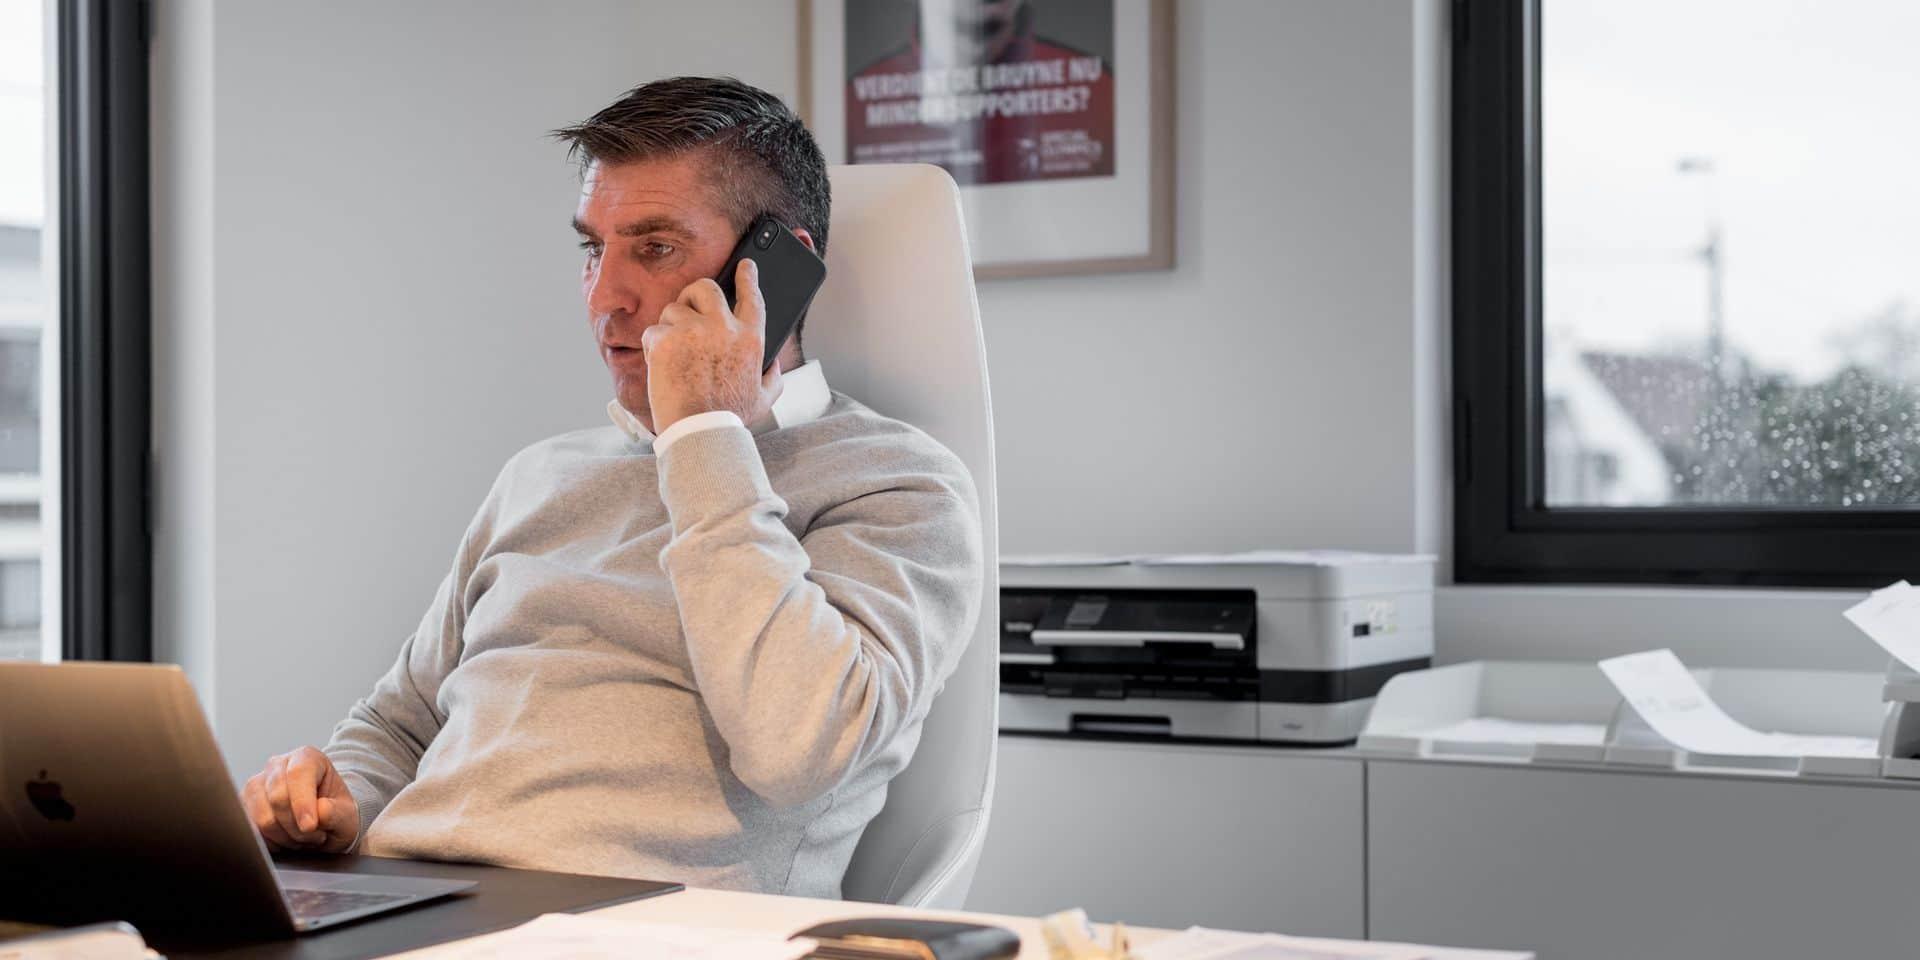 Patrick De Koster, le manager de Kevin De Bruyne, placé sous mandat d'arrêt